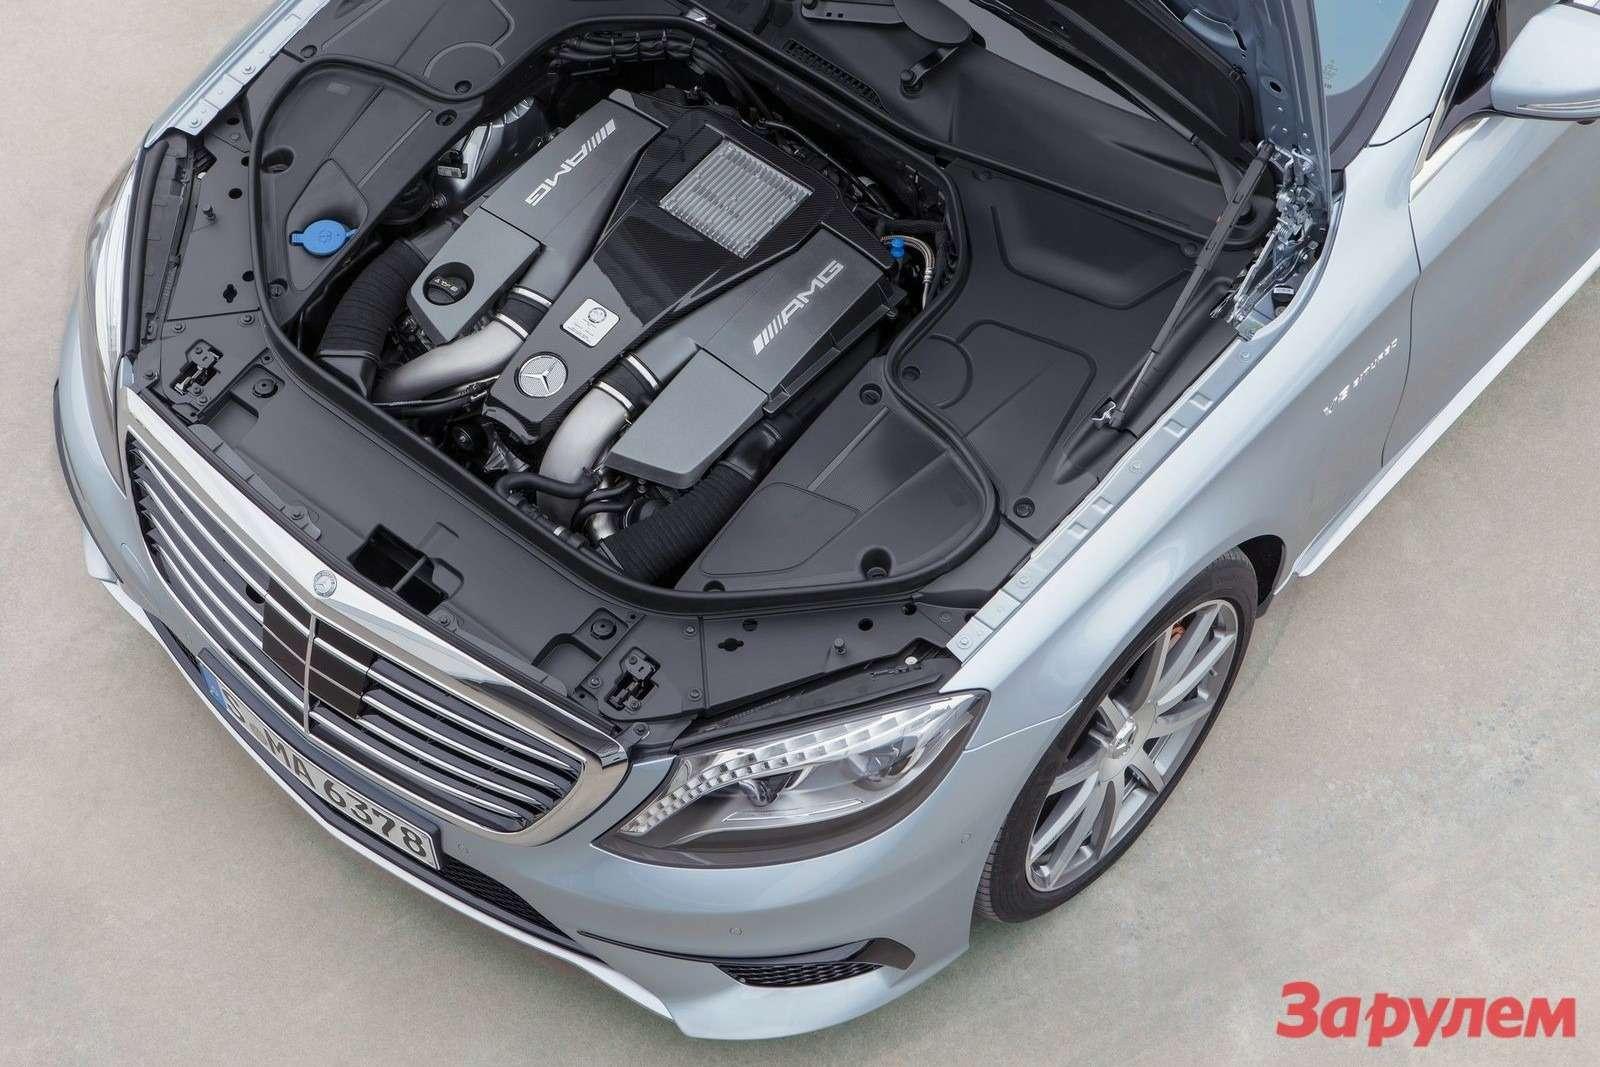 Mercedes Benz S63AMG 2014 1600x1200 wallpaper 2c (1)